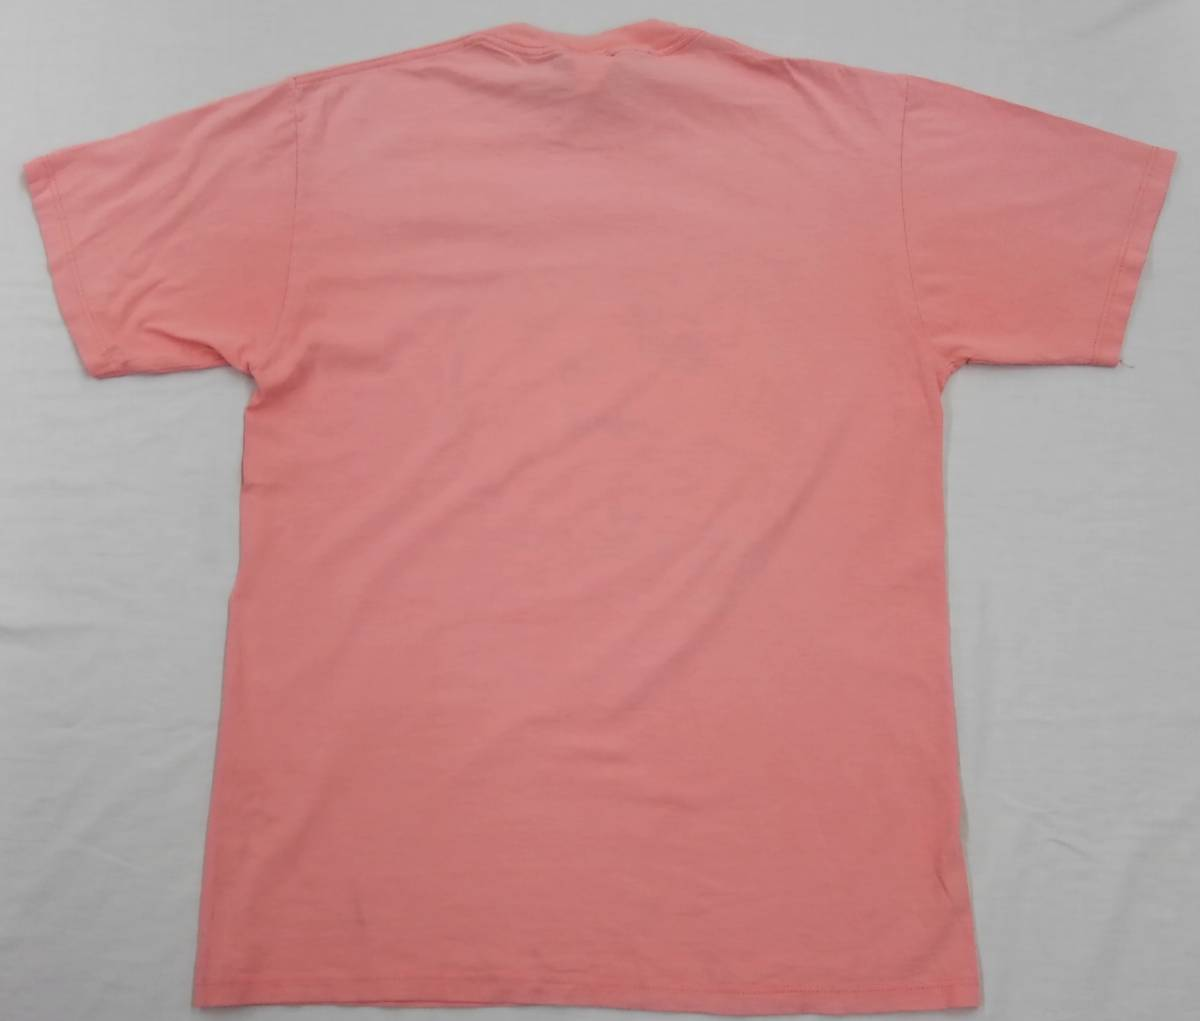 【激レア!!USA製】DISNEY Lサイズ ディズニー ミッキー アメリカ直輸入 Tシャツ ピンク 美品 古着 アメリカ製 #1248-A_画像2